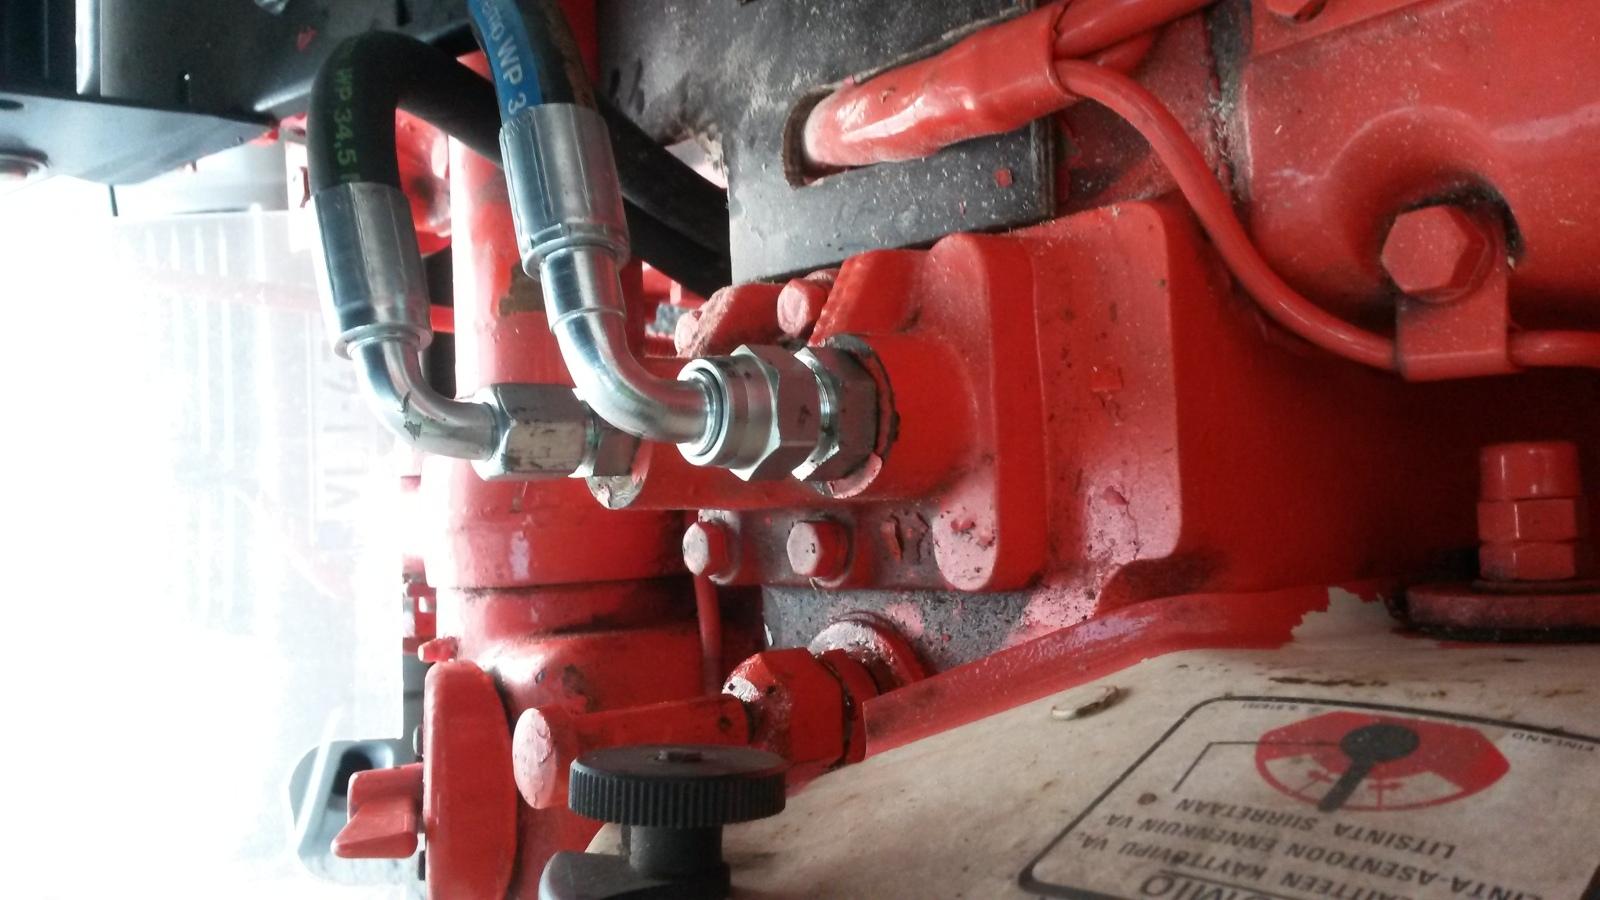 DB-996 lisähydrauliikkaa 2afl94y